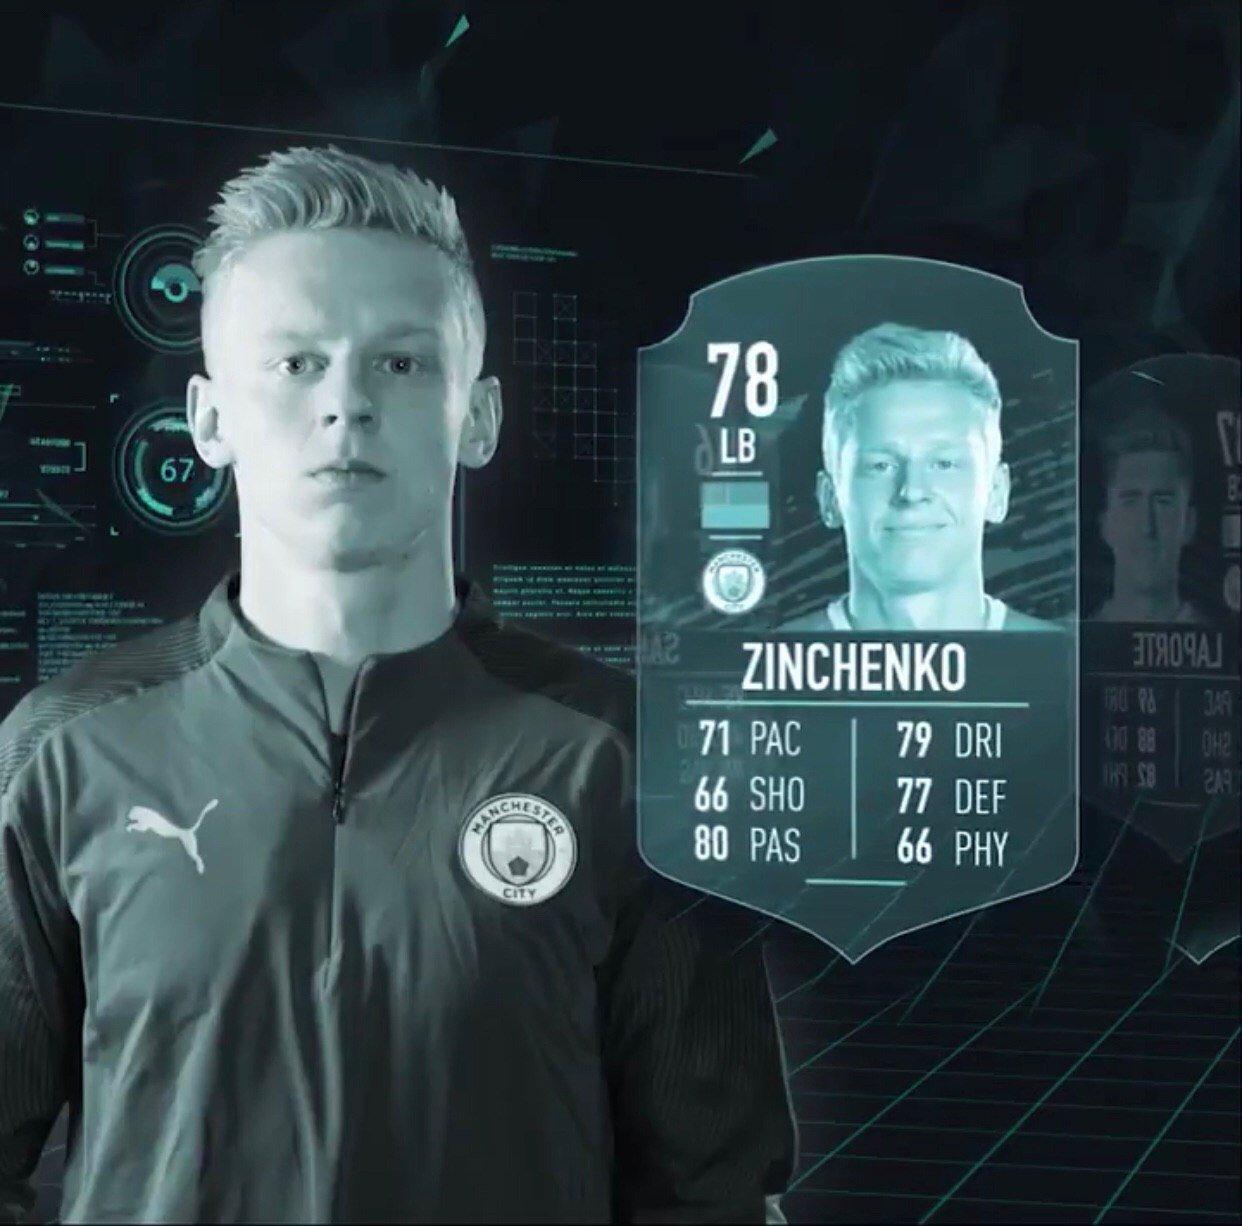 Стал известен рейтинг Александра Зинченко в FIFA 20 - изображение 1